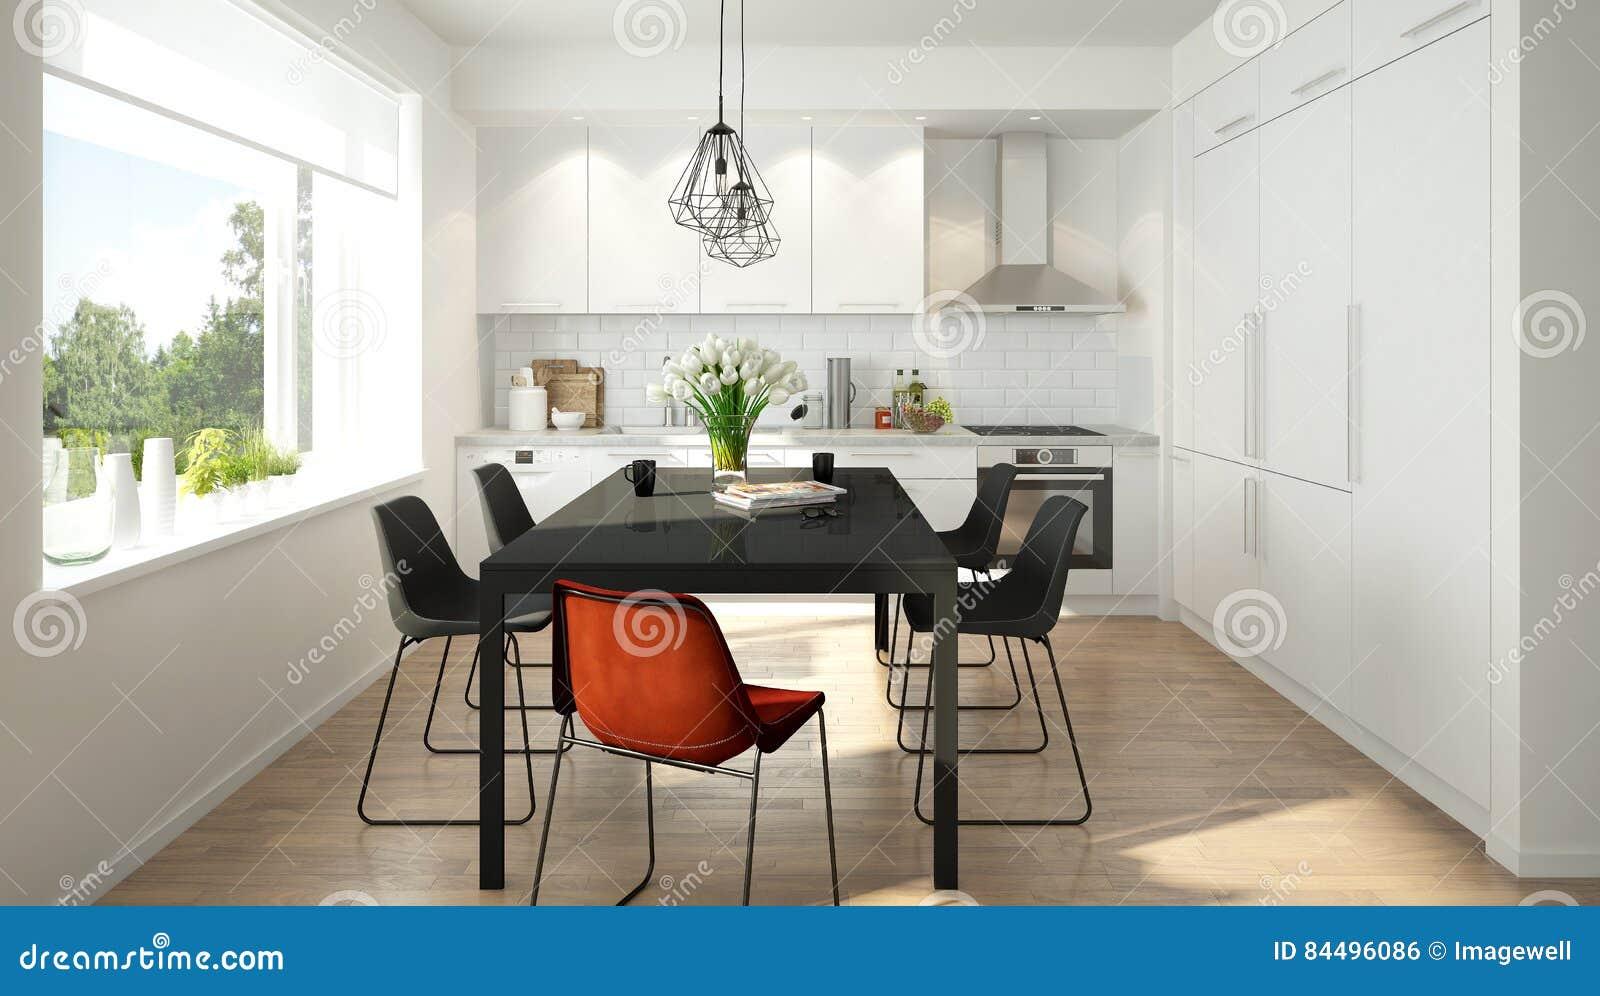 Keuken Interieur Scandinavisch : Moderne skandinavische keuken stock illustratie illustratie